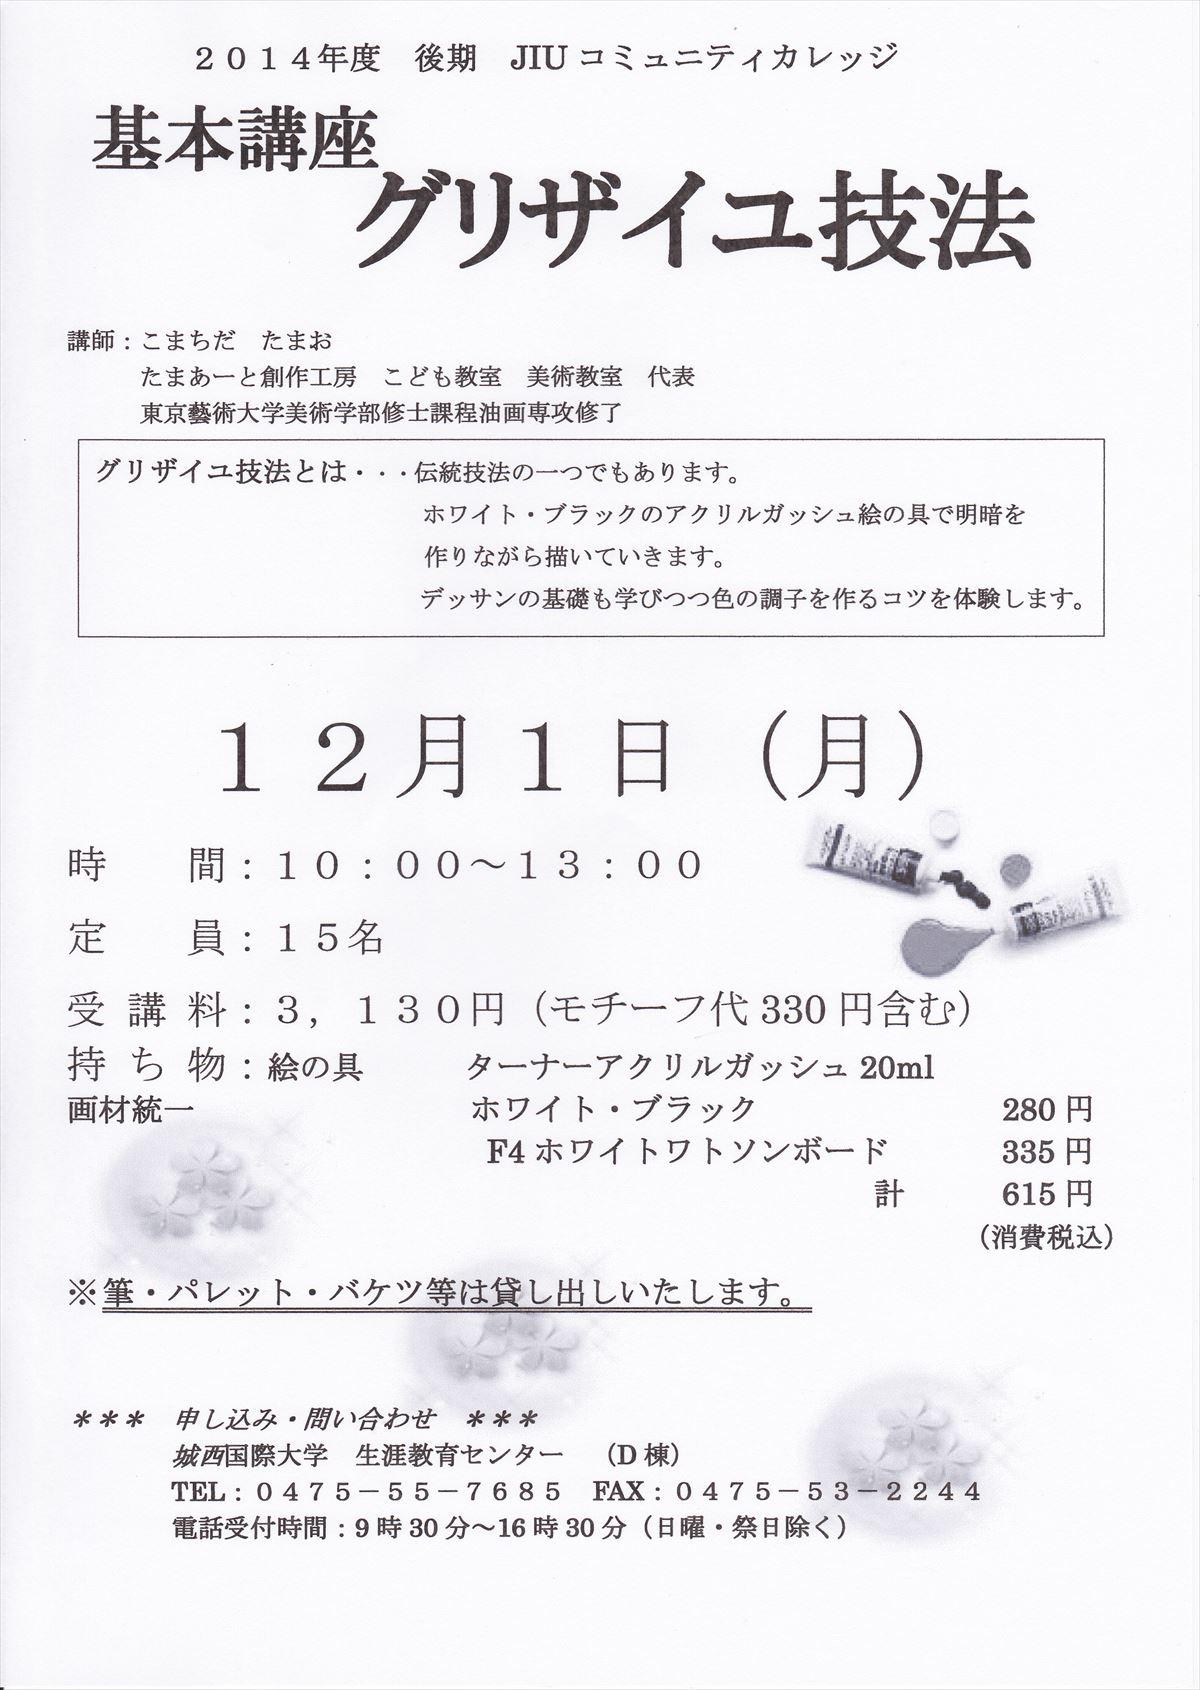 2014 城国 講座 画像データ (7)_R